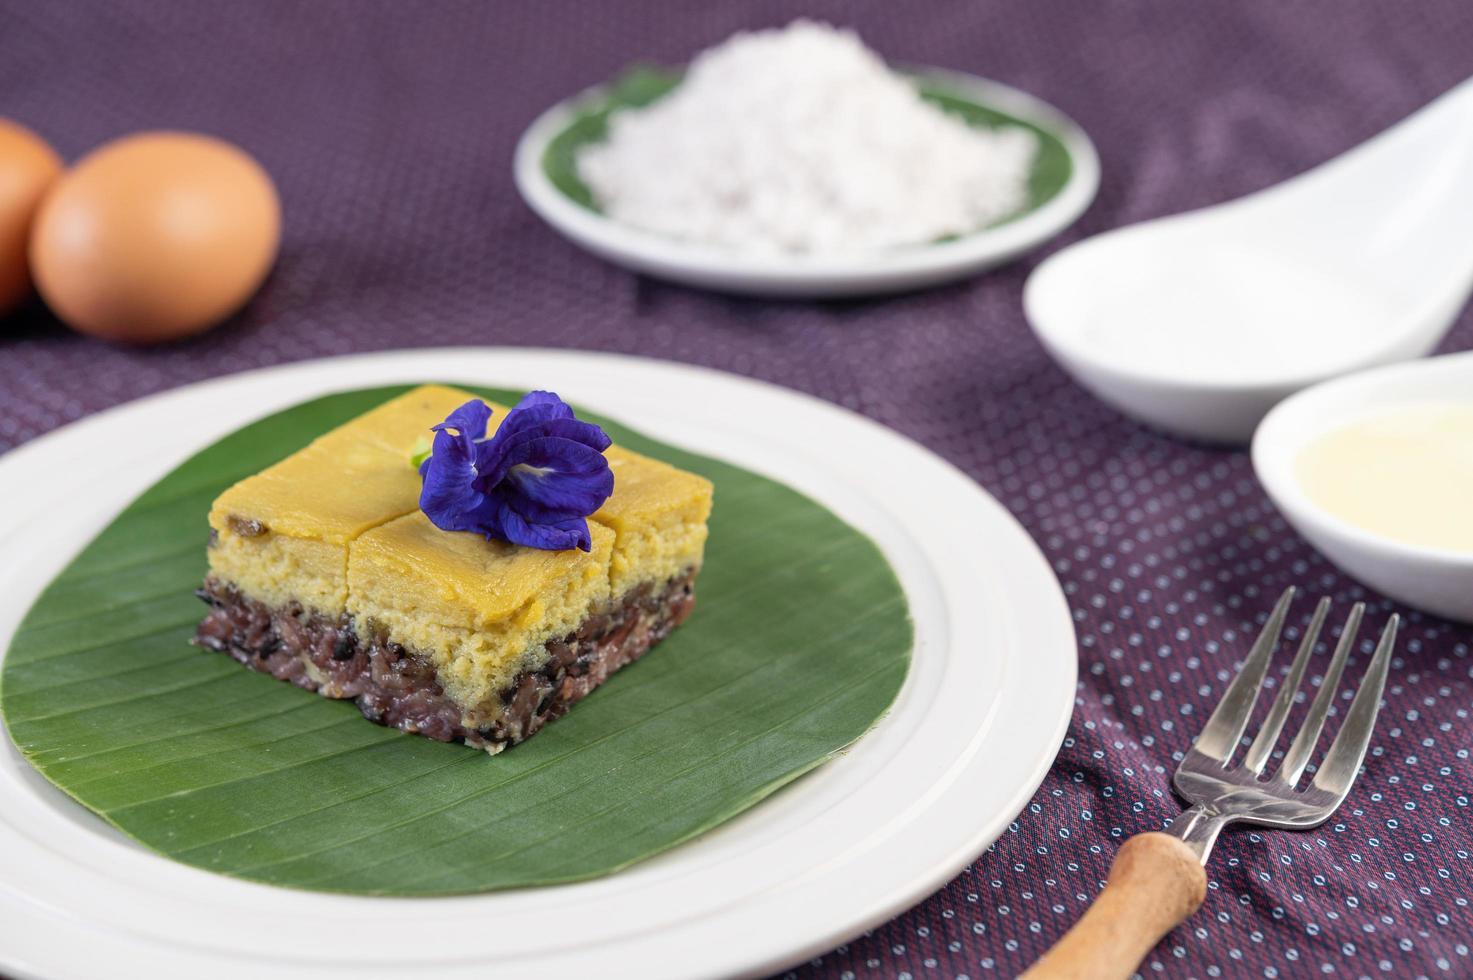 schwarzer klebriger Reis auf einem Bananenblatt in einem weißen Teller mit Schmetterlingserbsenblüten foto